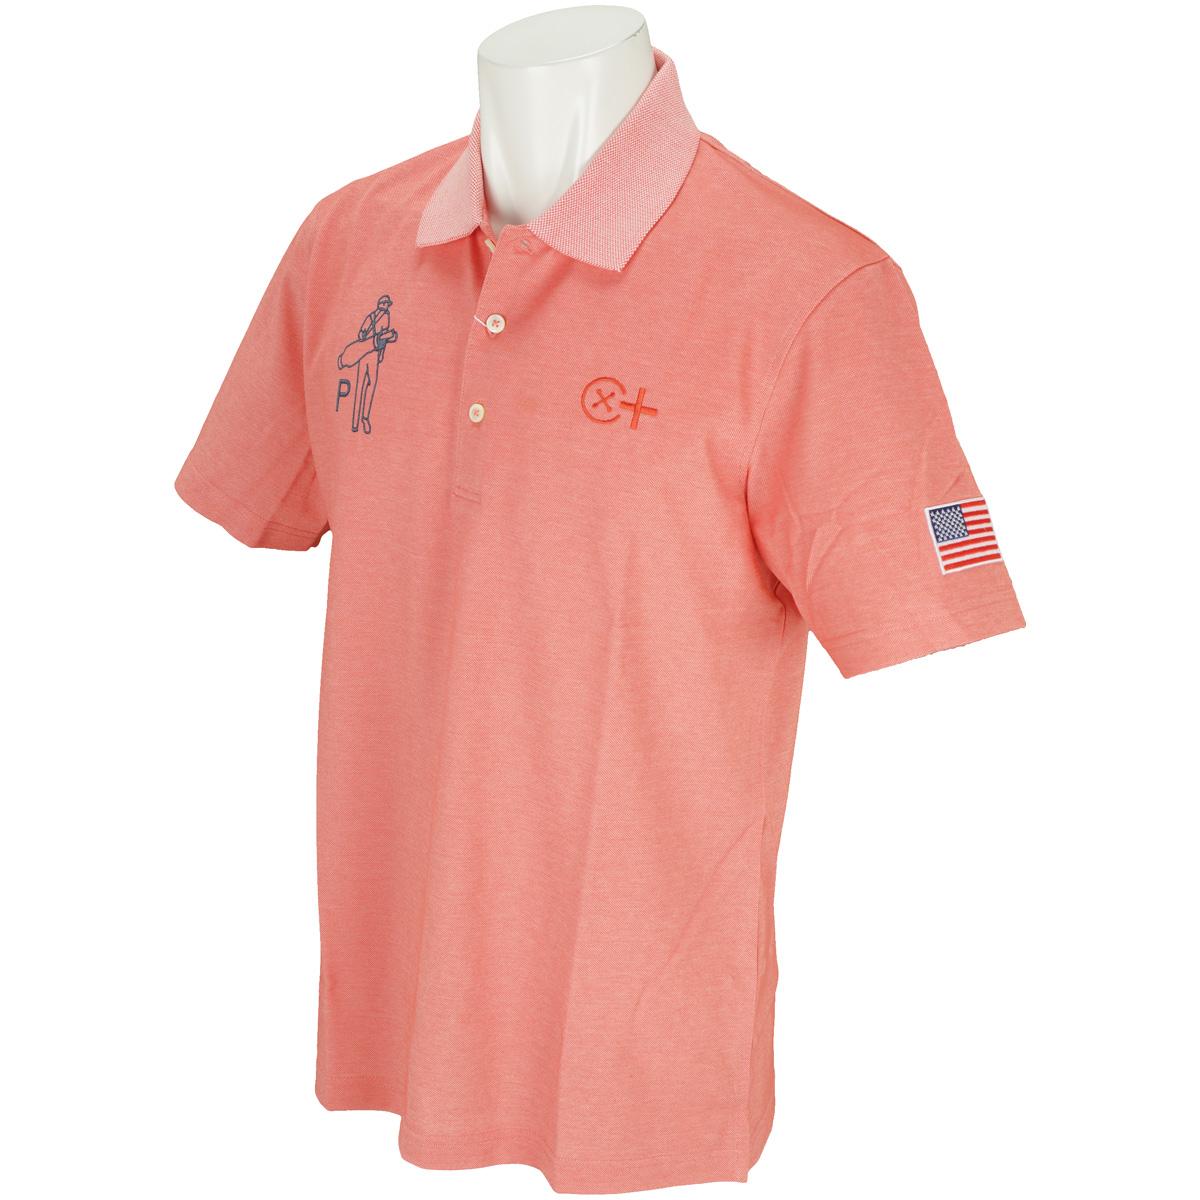 ドライマスター 半袖ポロシャツ